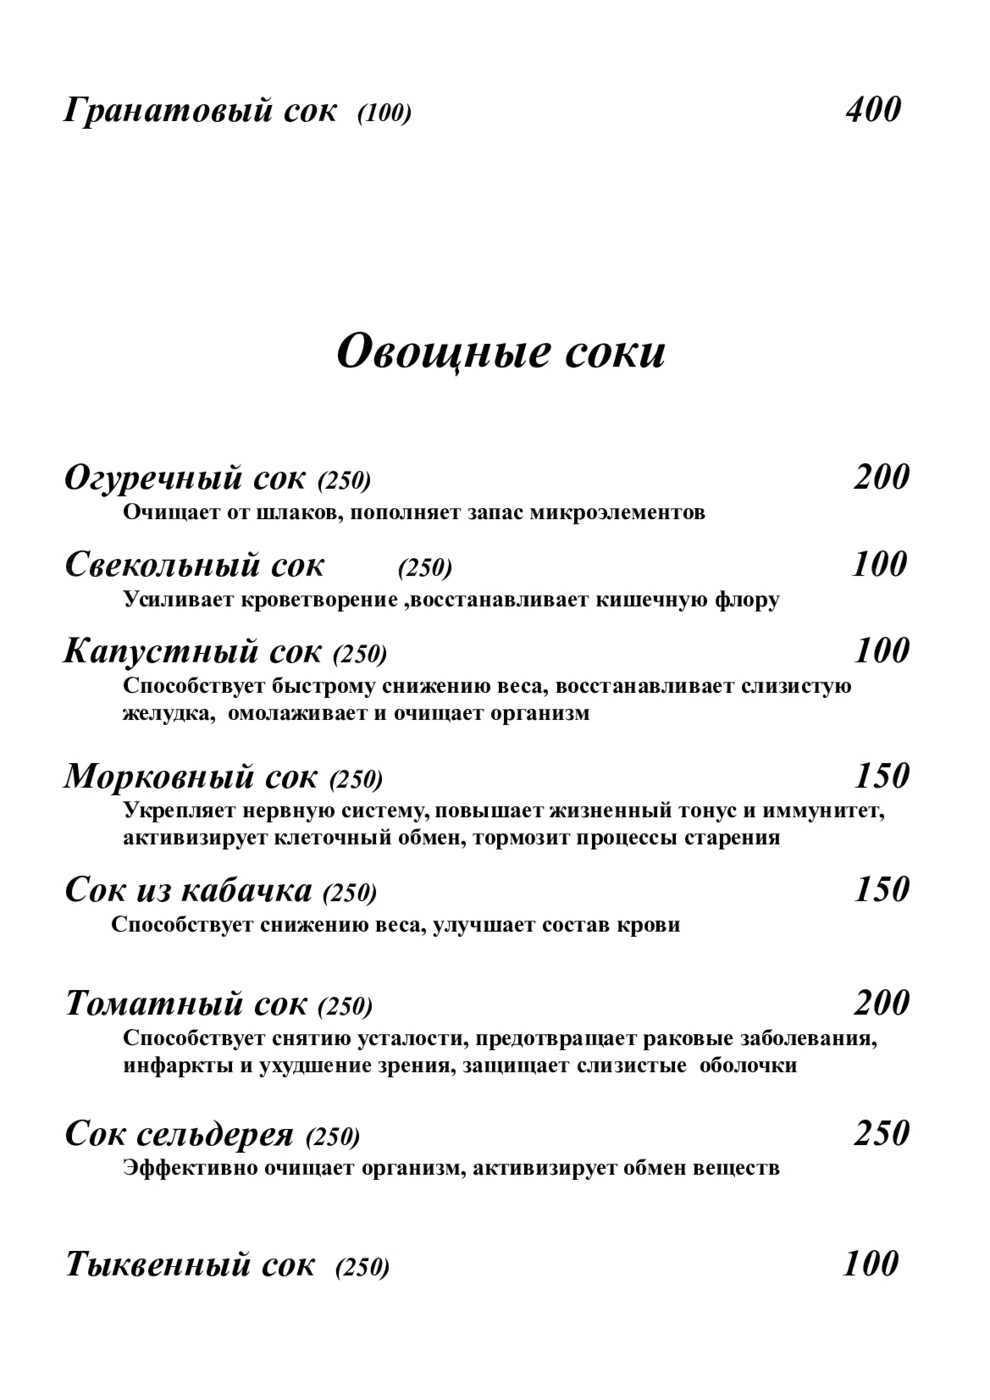 Меню ресторана Фасоль на улице имени Маршала В.И. Чуйкова